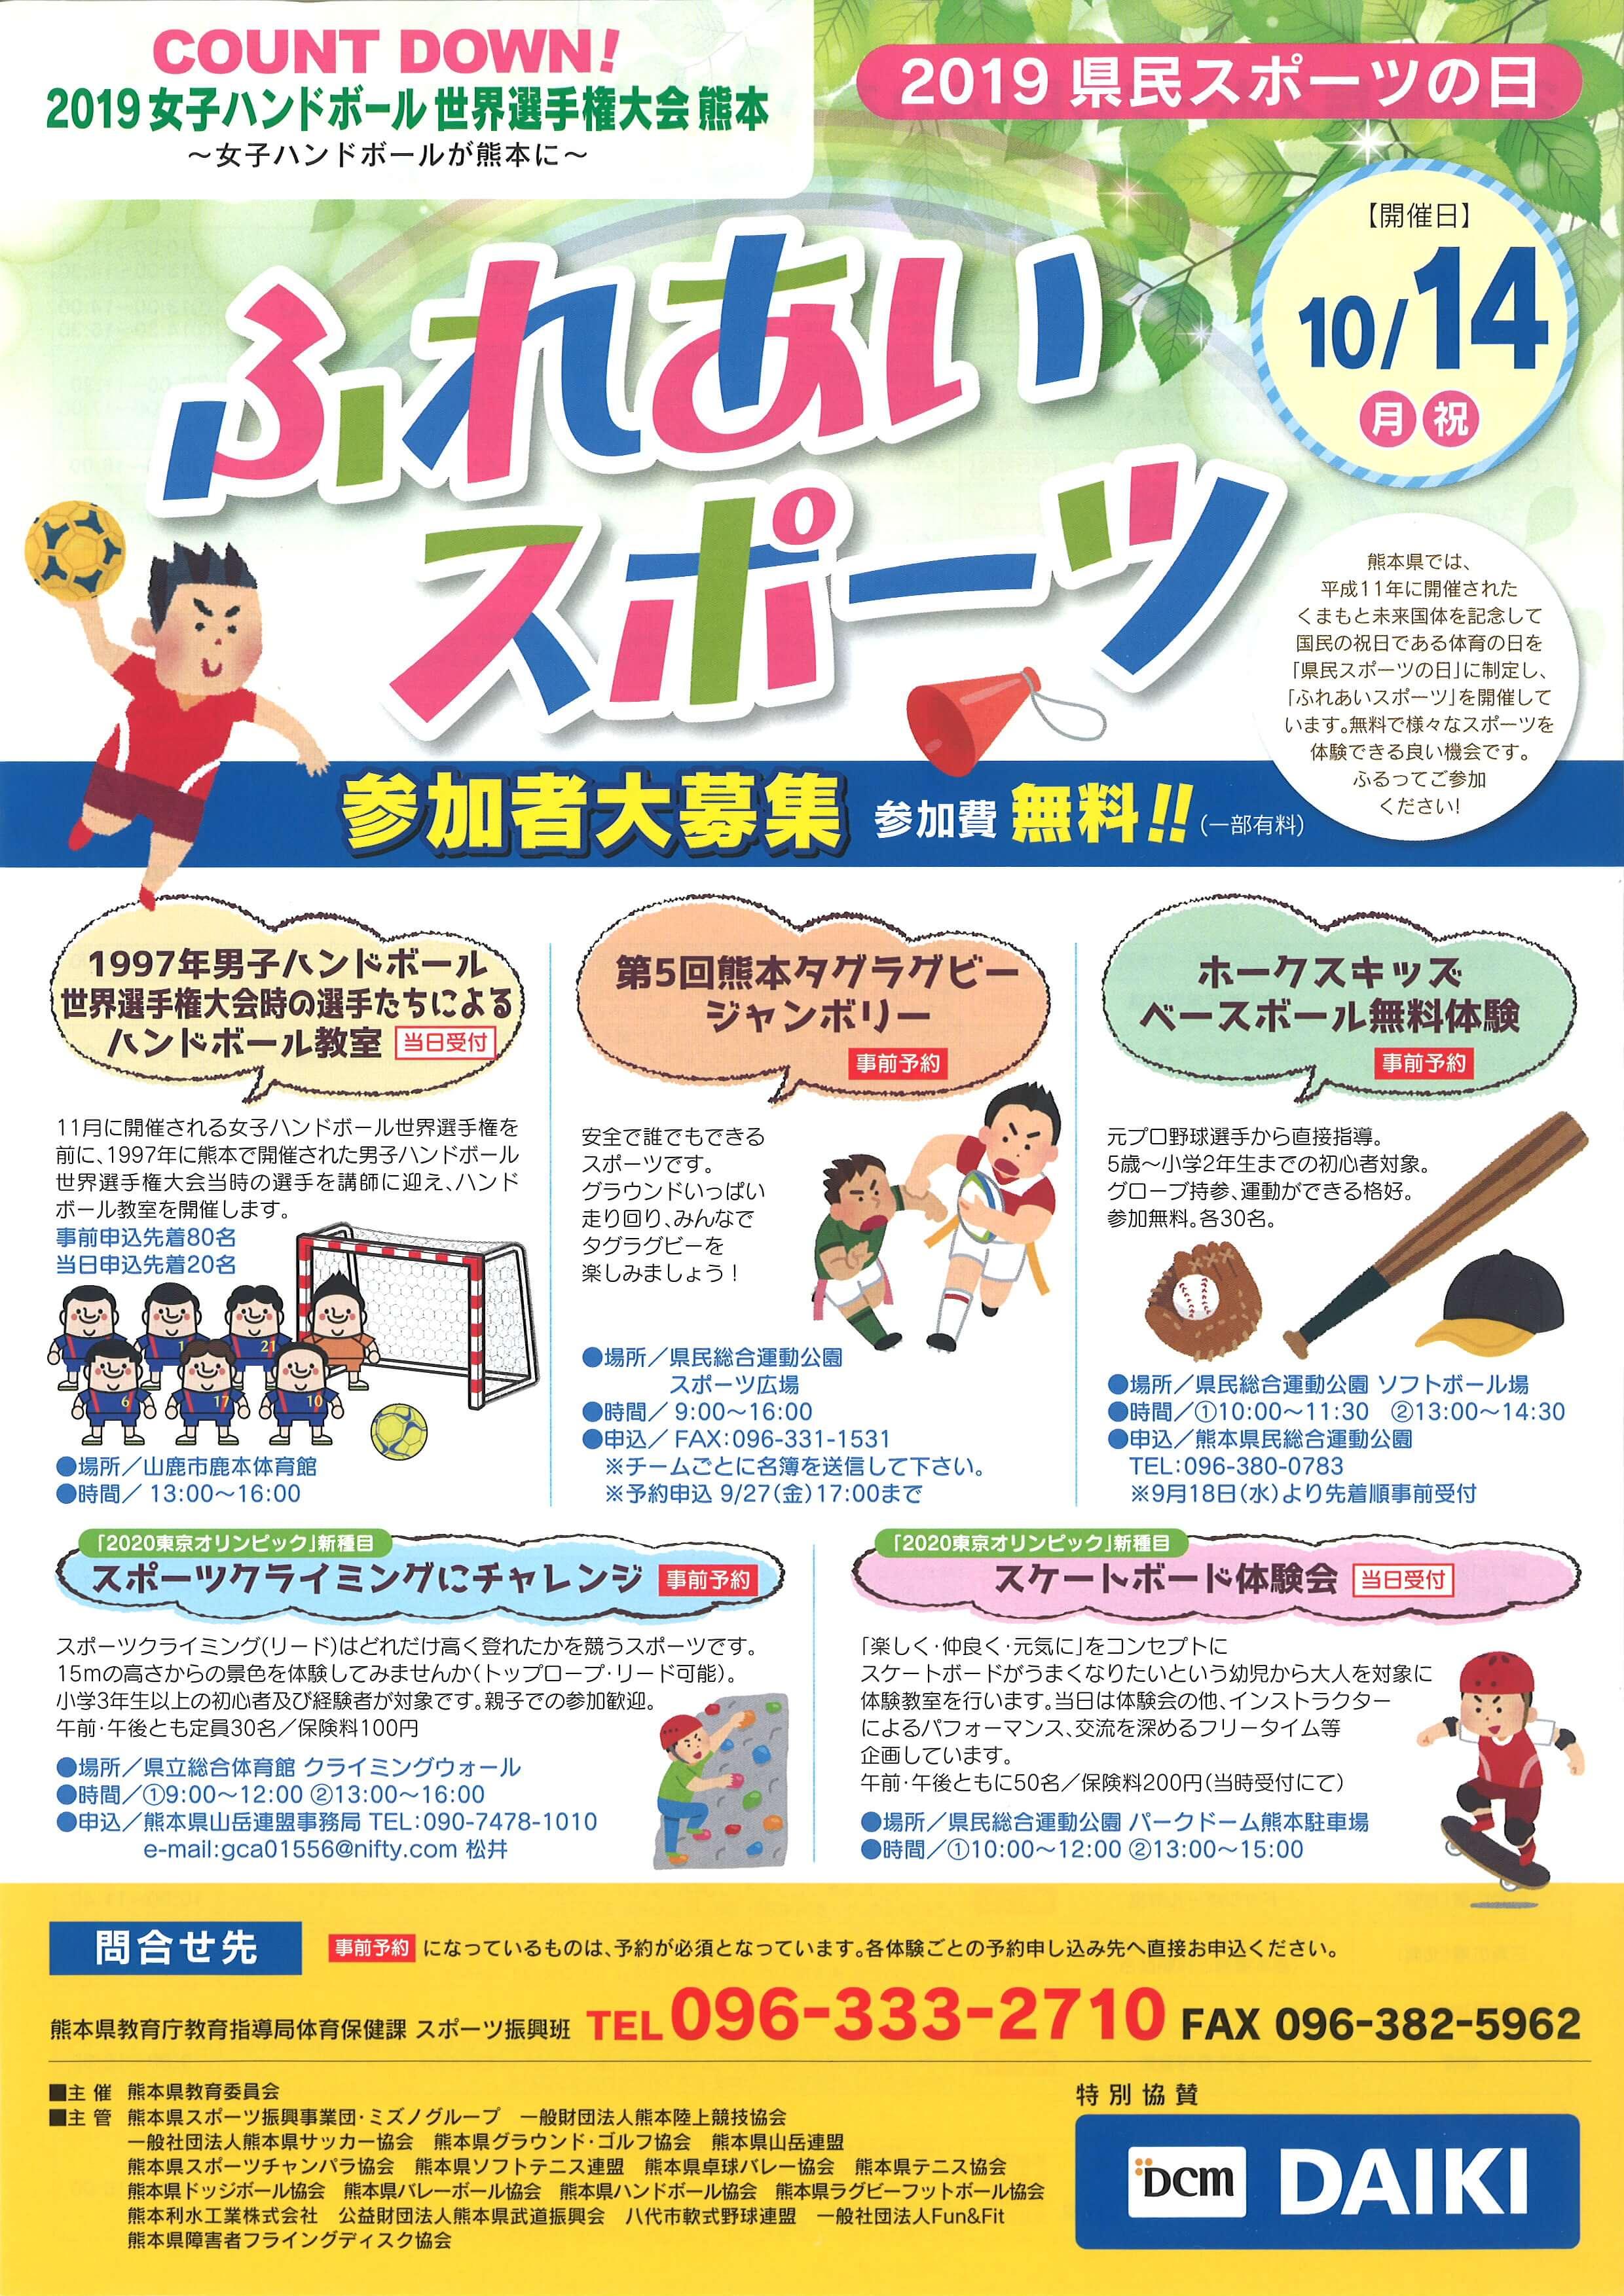 熊本,イベント,スポーツ